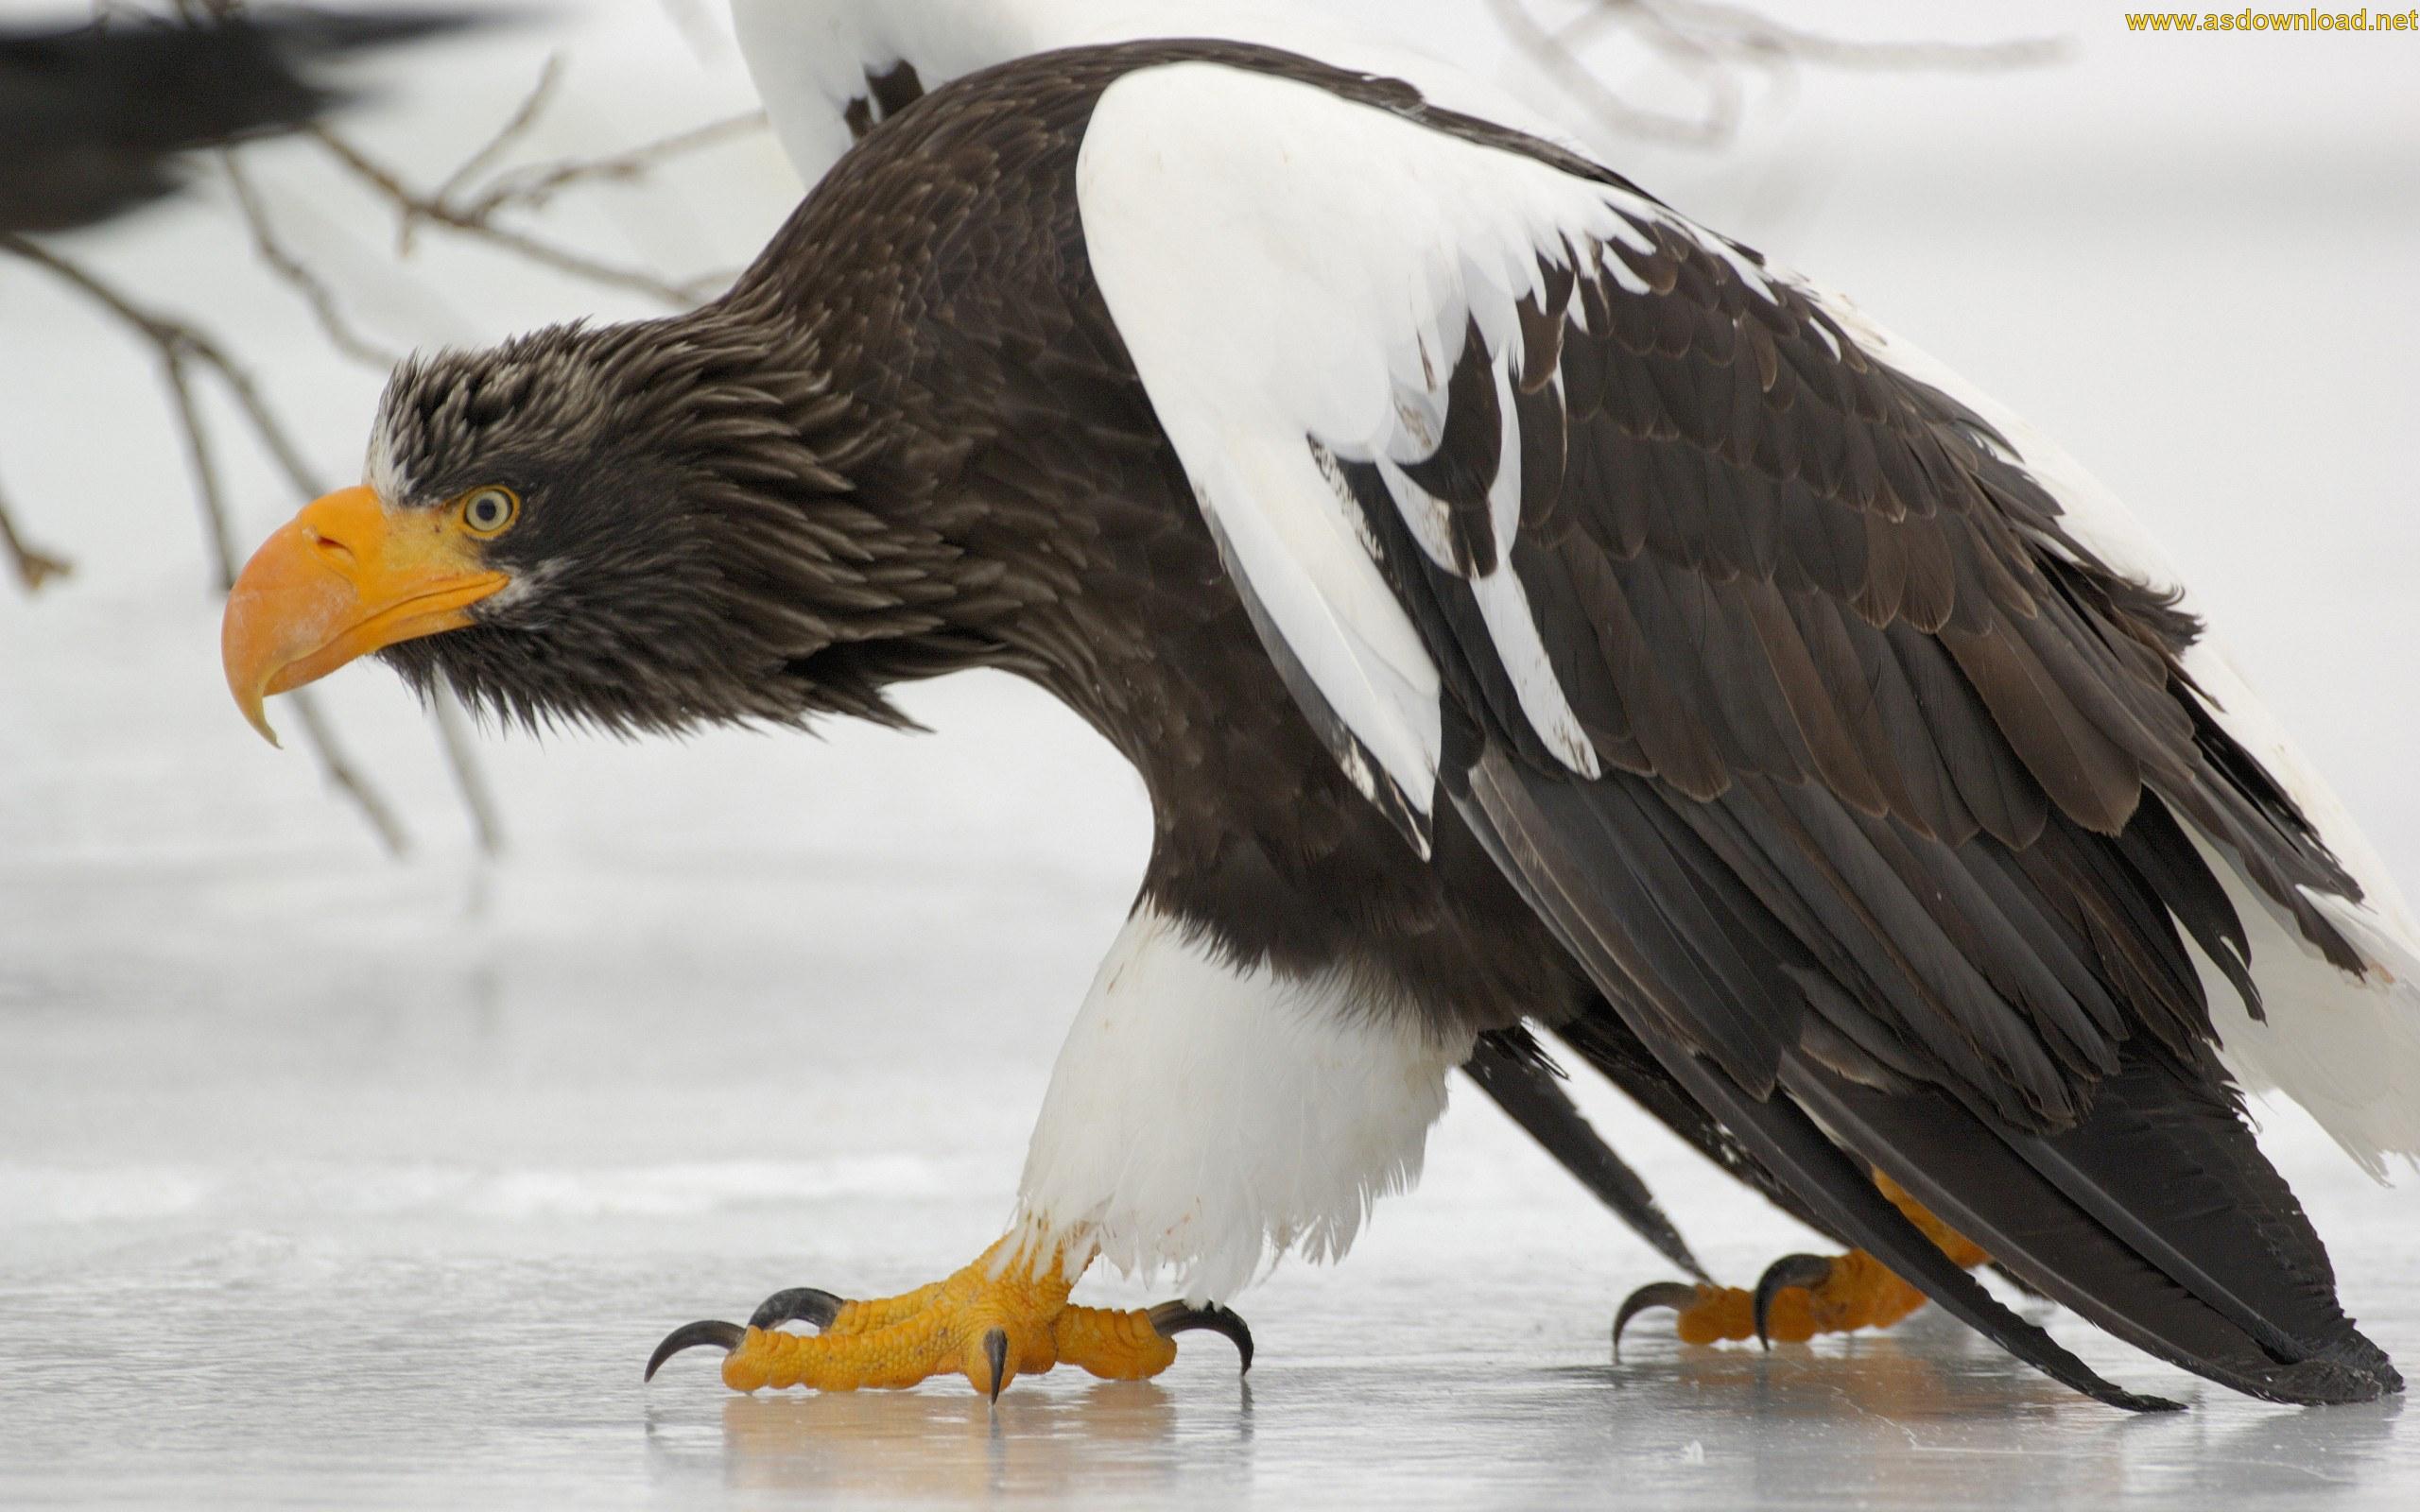 دانلود والپیپر عقاب با کیفیت hd